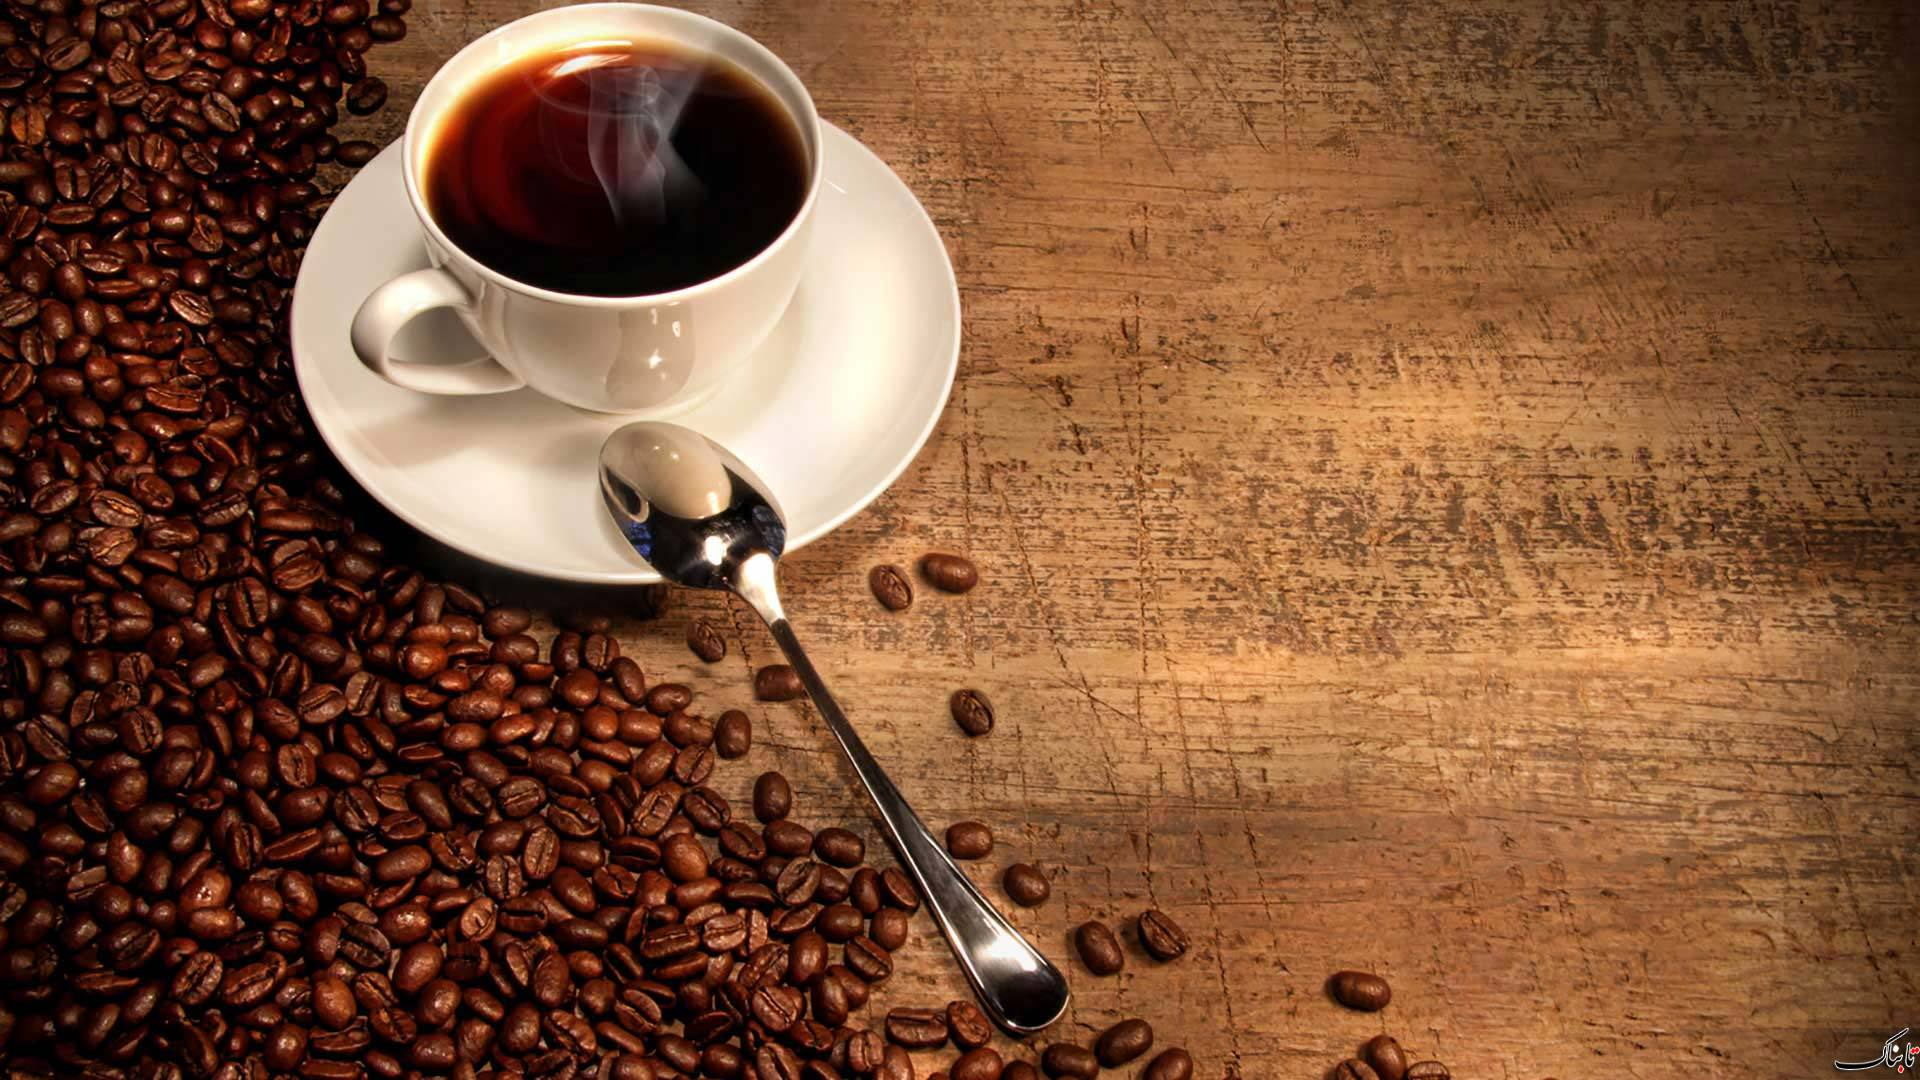 قهوه چه فایدهها و ضررهایی دارد؟